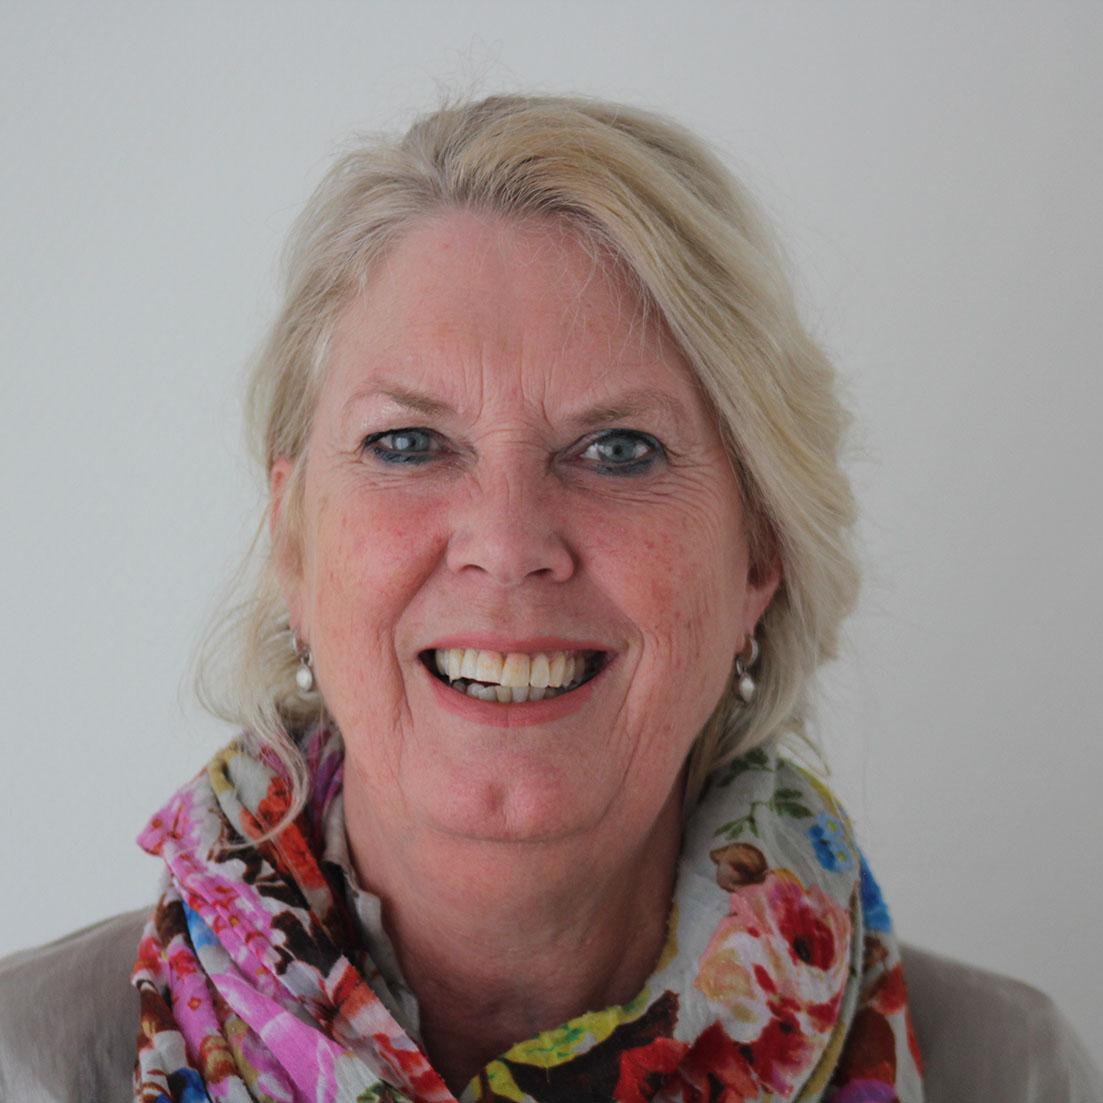 Ineke Dorland-Theunisse